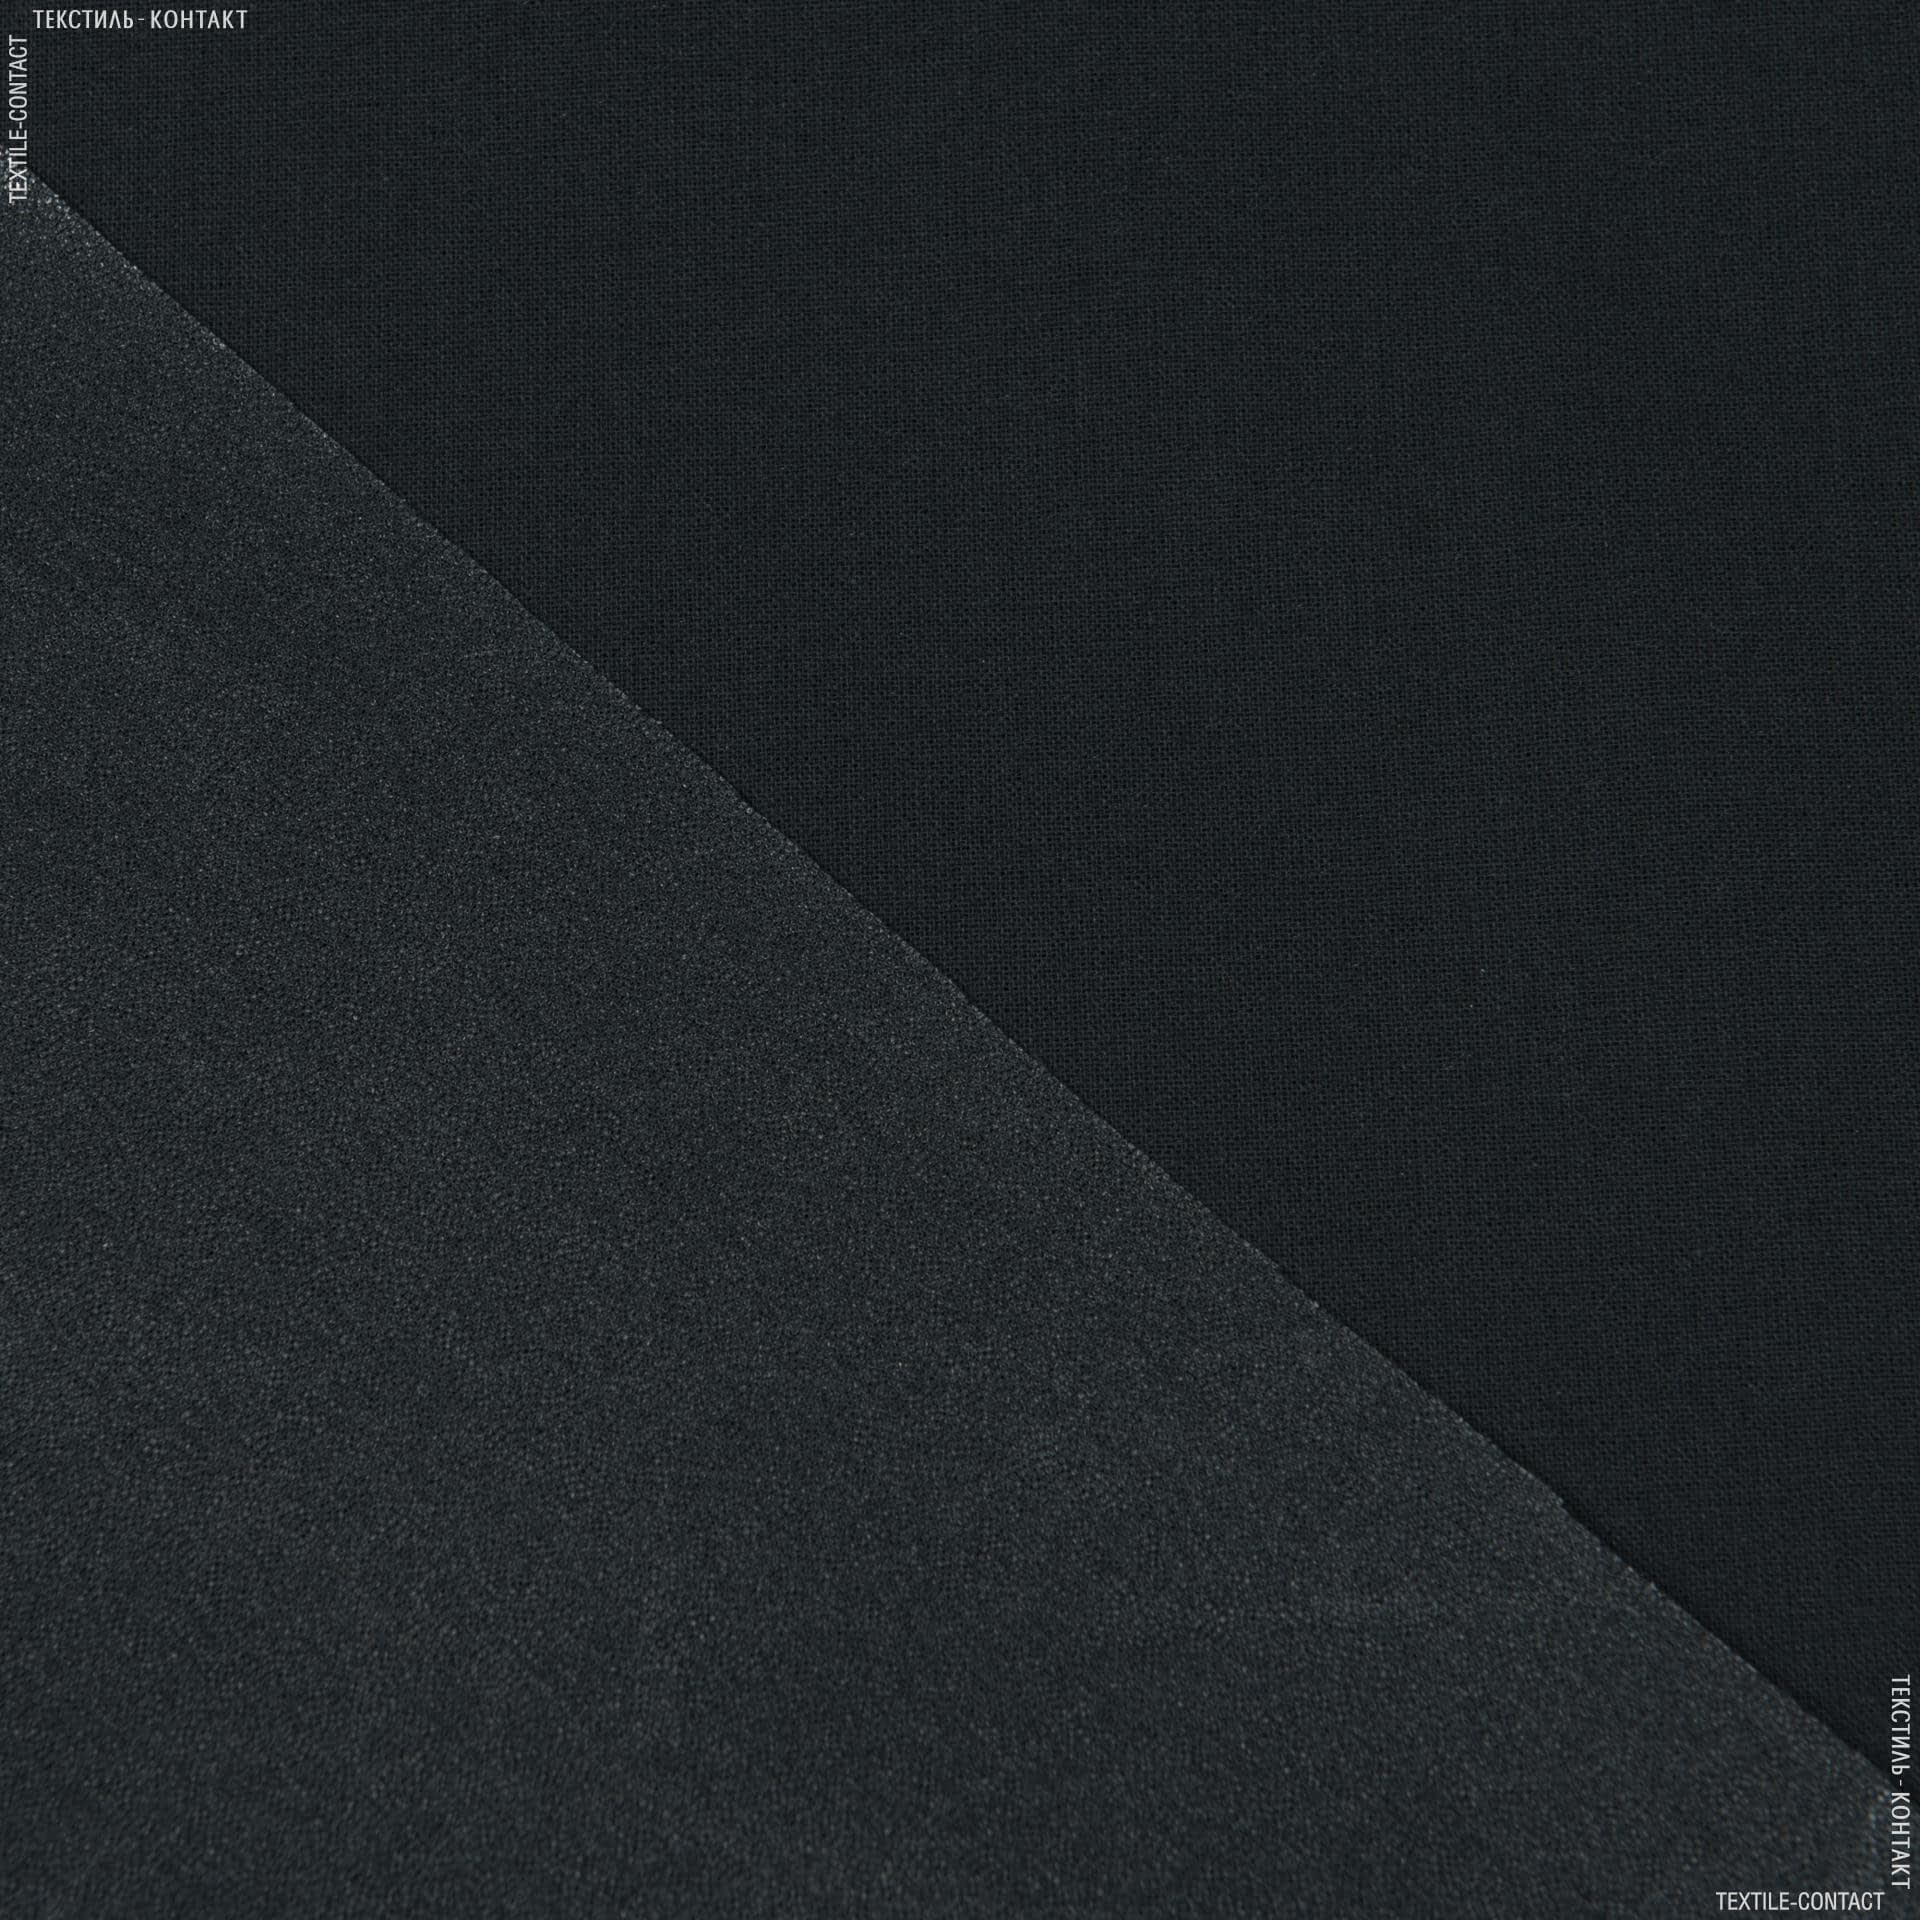 Ткани дублирин, флизелин - Бязь клеевая черный 126г/м